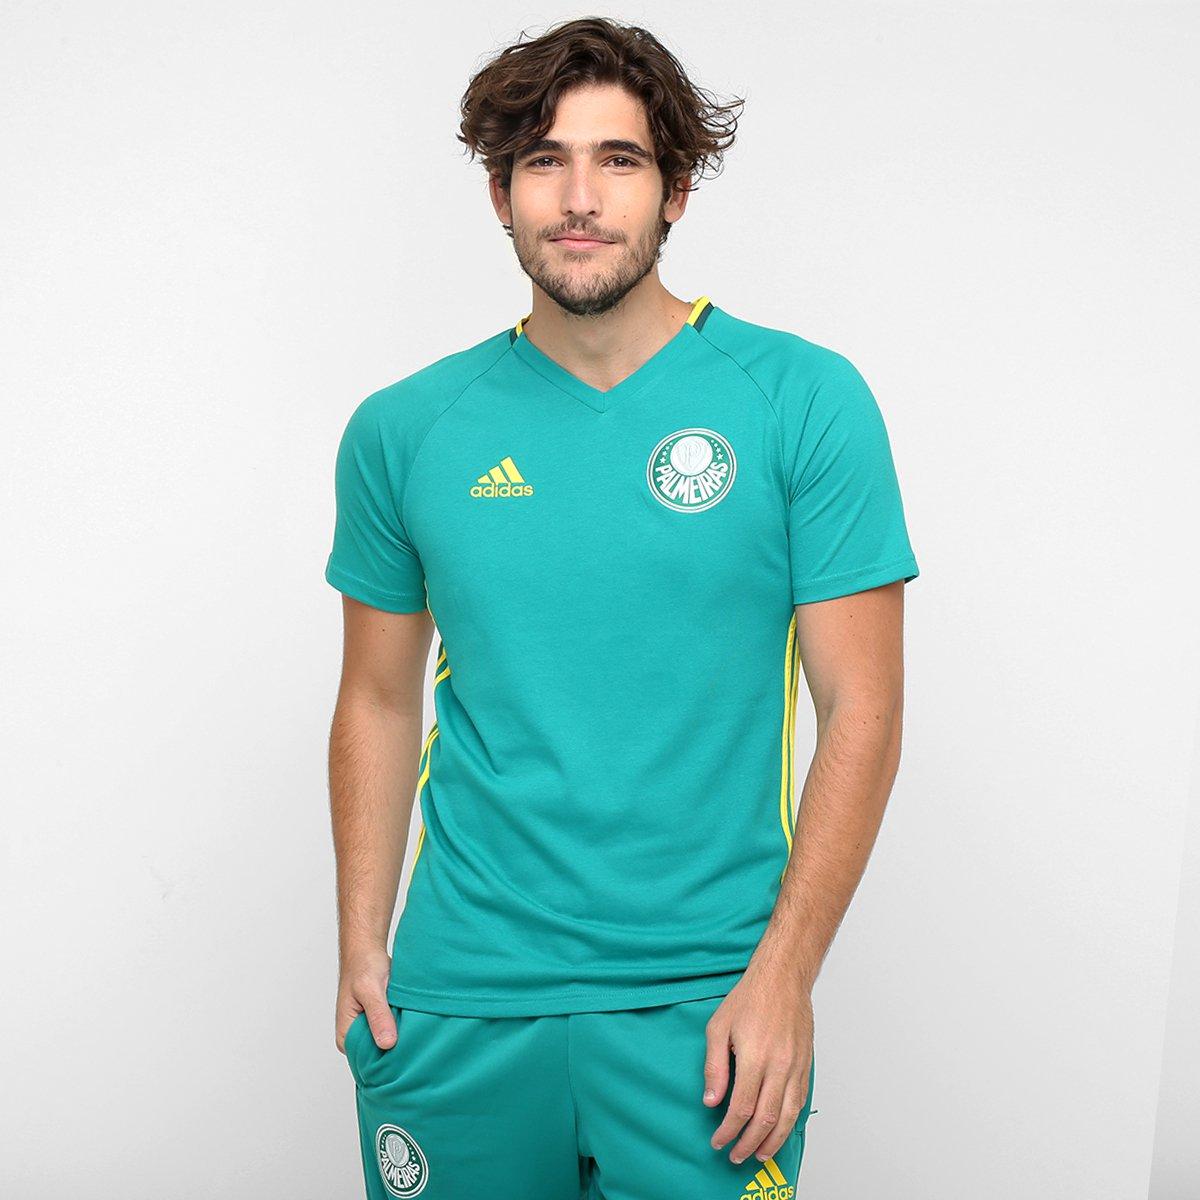 bfc3903389792 Camisa Adidas Palmeiras Viagem - Compre Agora